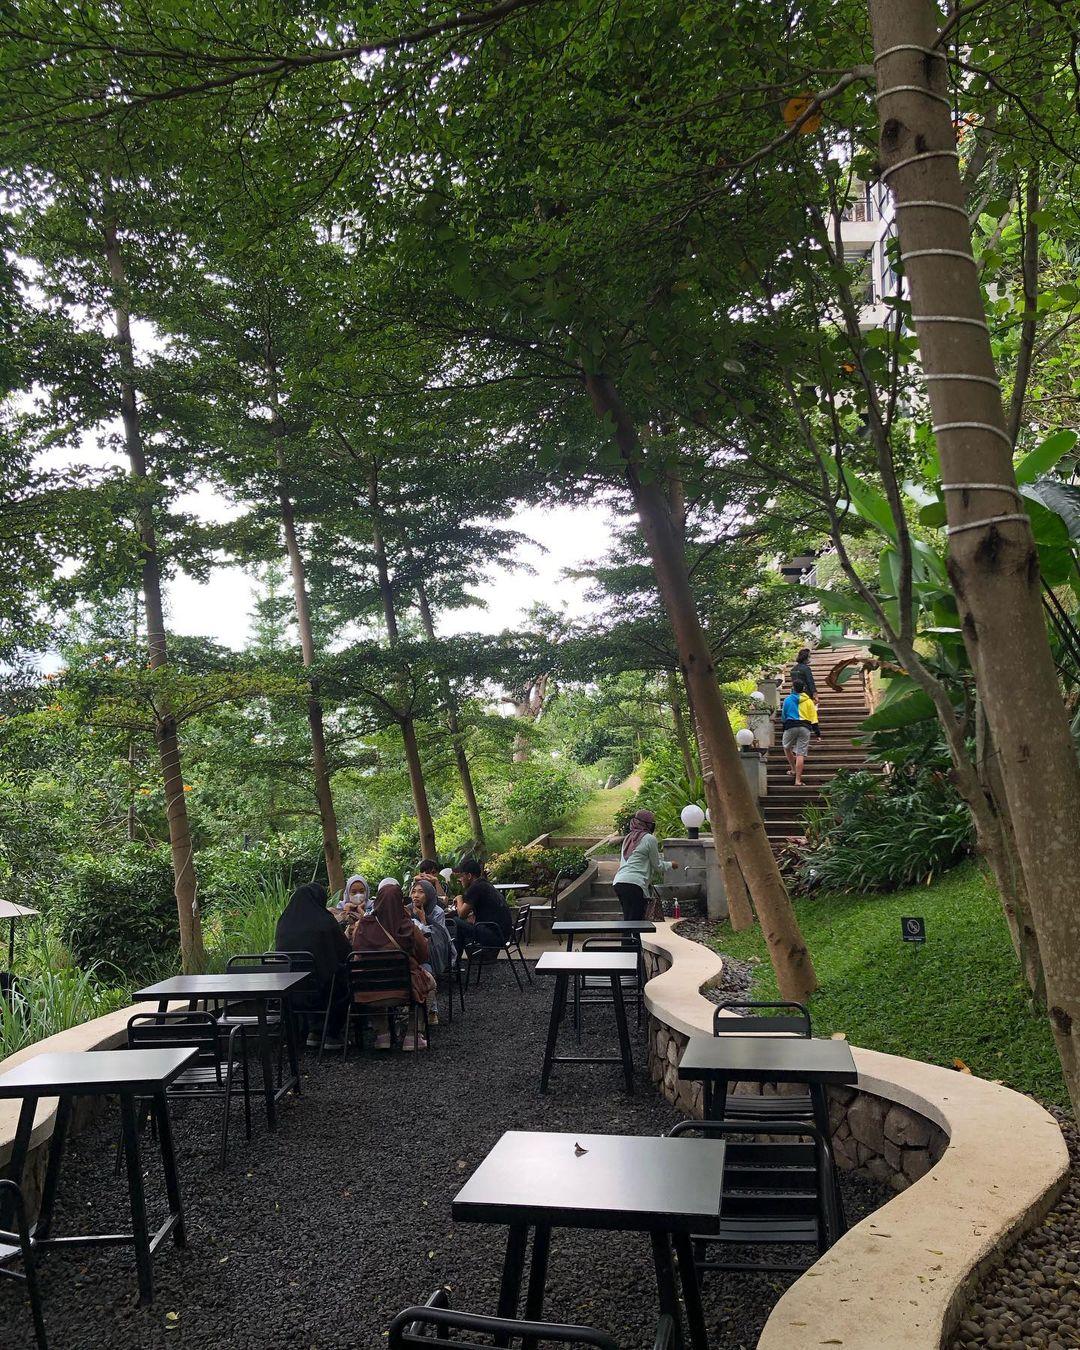 Spot Outdoor Kopi Bawah Pohon Cafe Bandung Image From @renisetiyani19